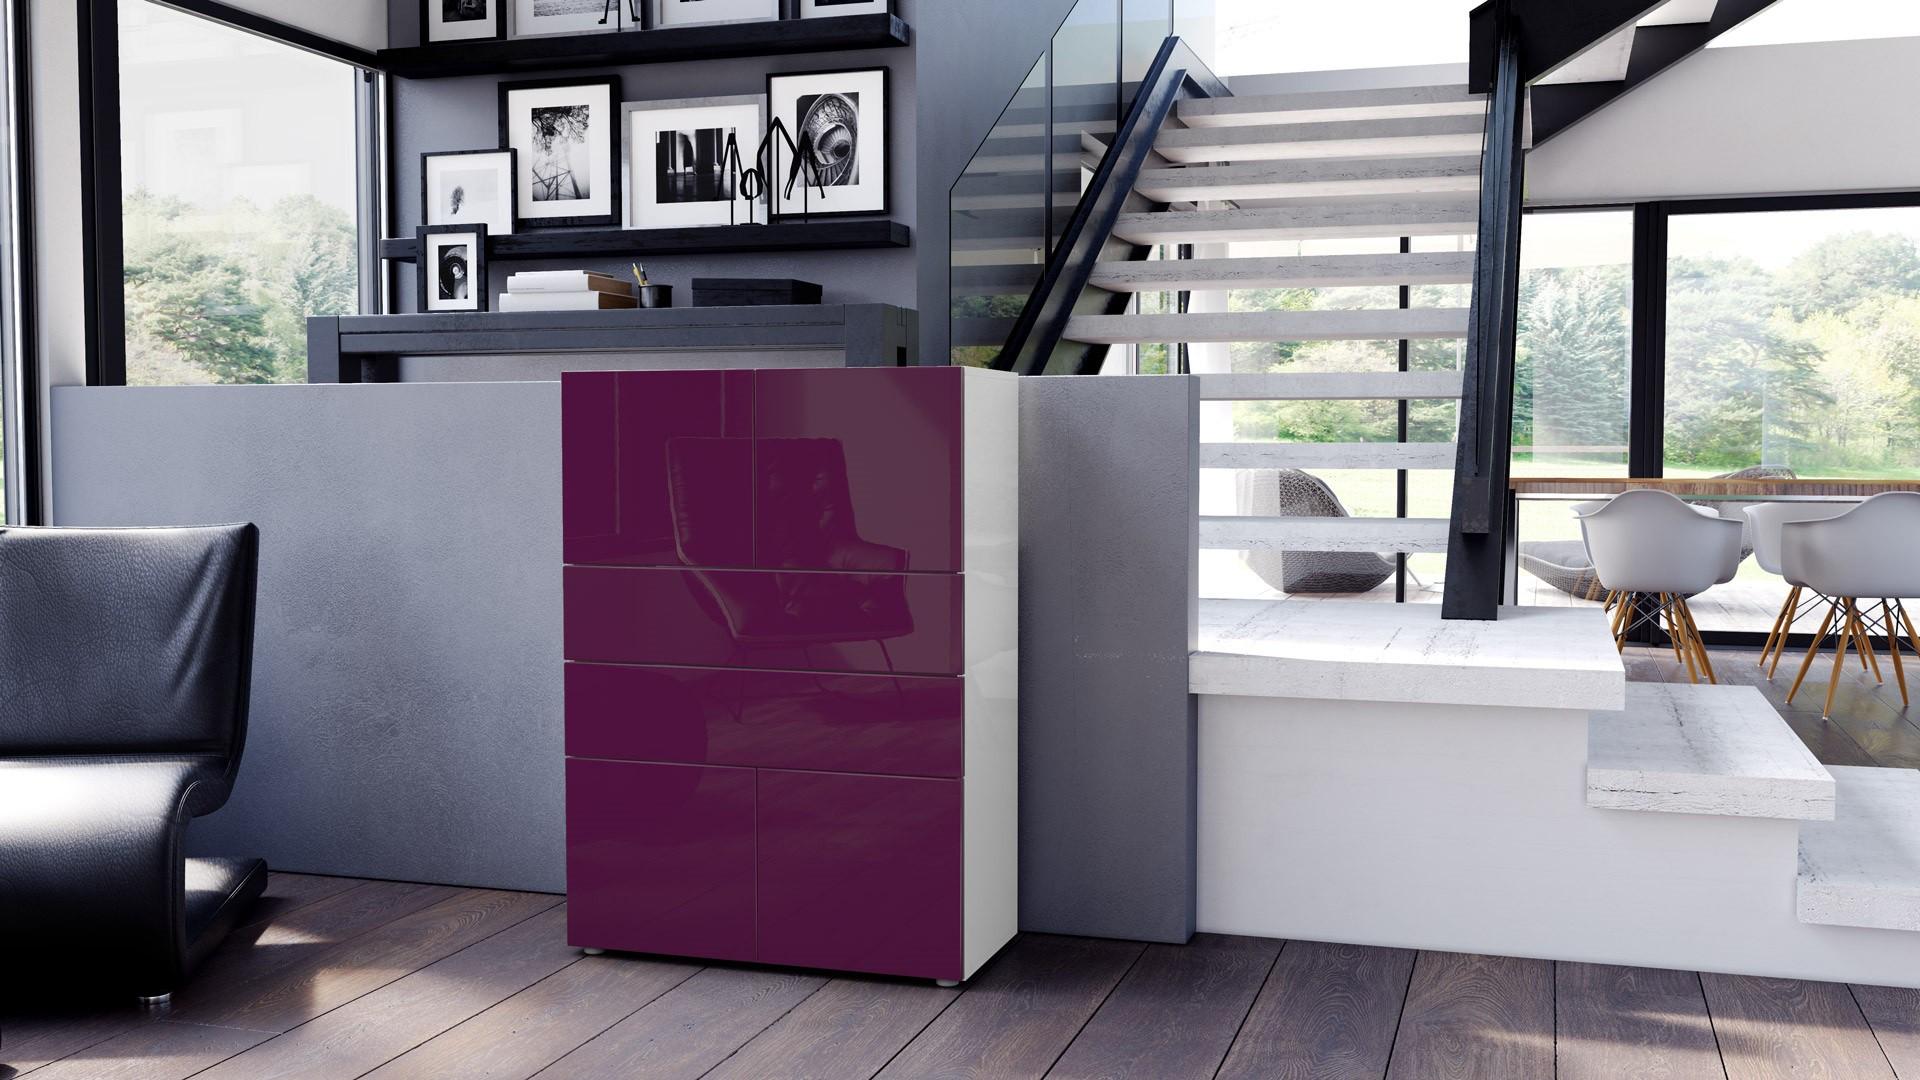 Commode armoire design blanche et mûre 4 portes 2 tiroirs pour meu...